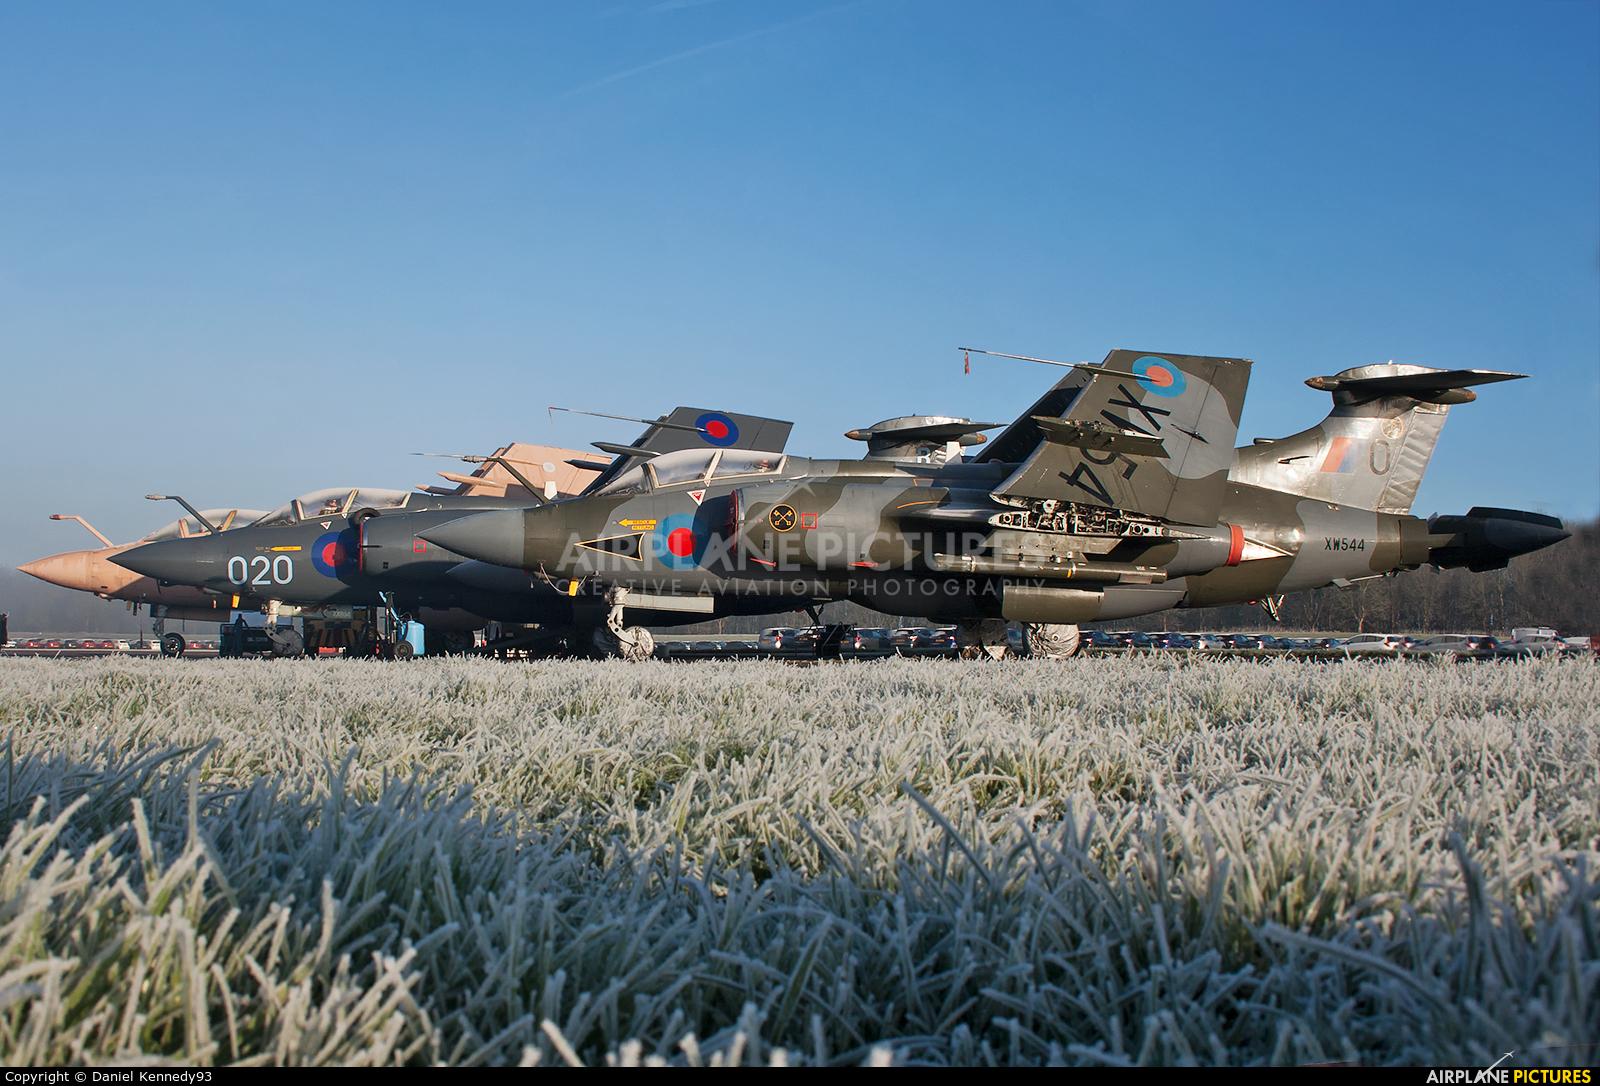 Royal Air Force XW544 aircraft at Bruntingthorpe